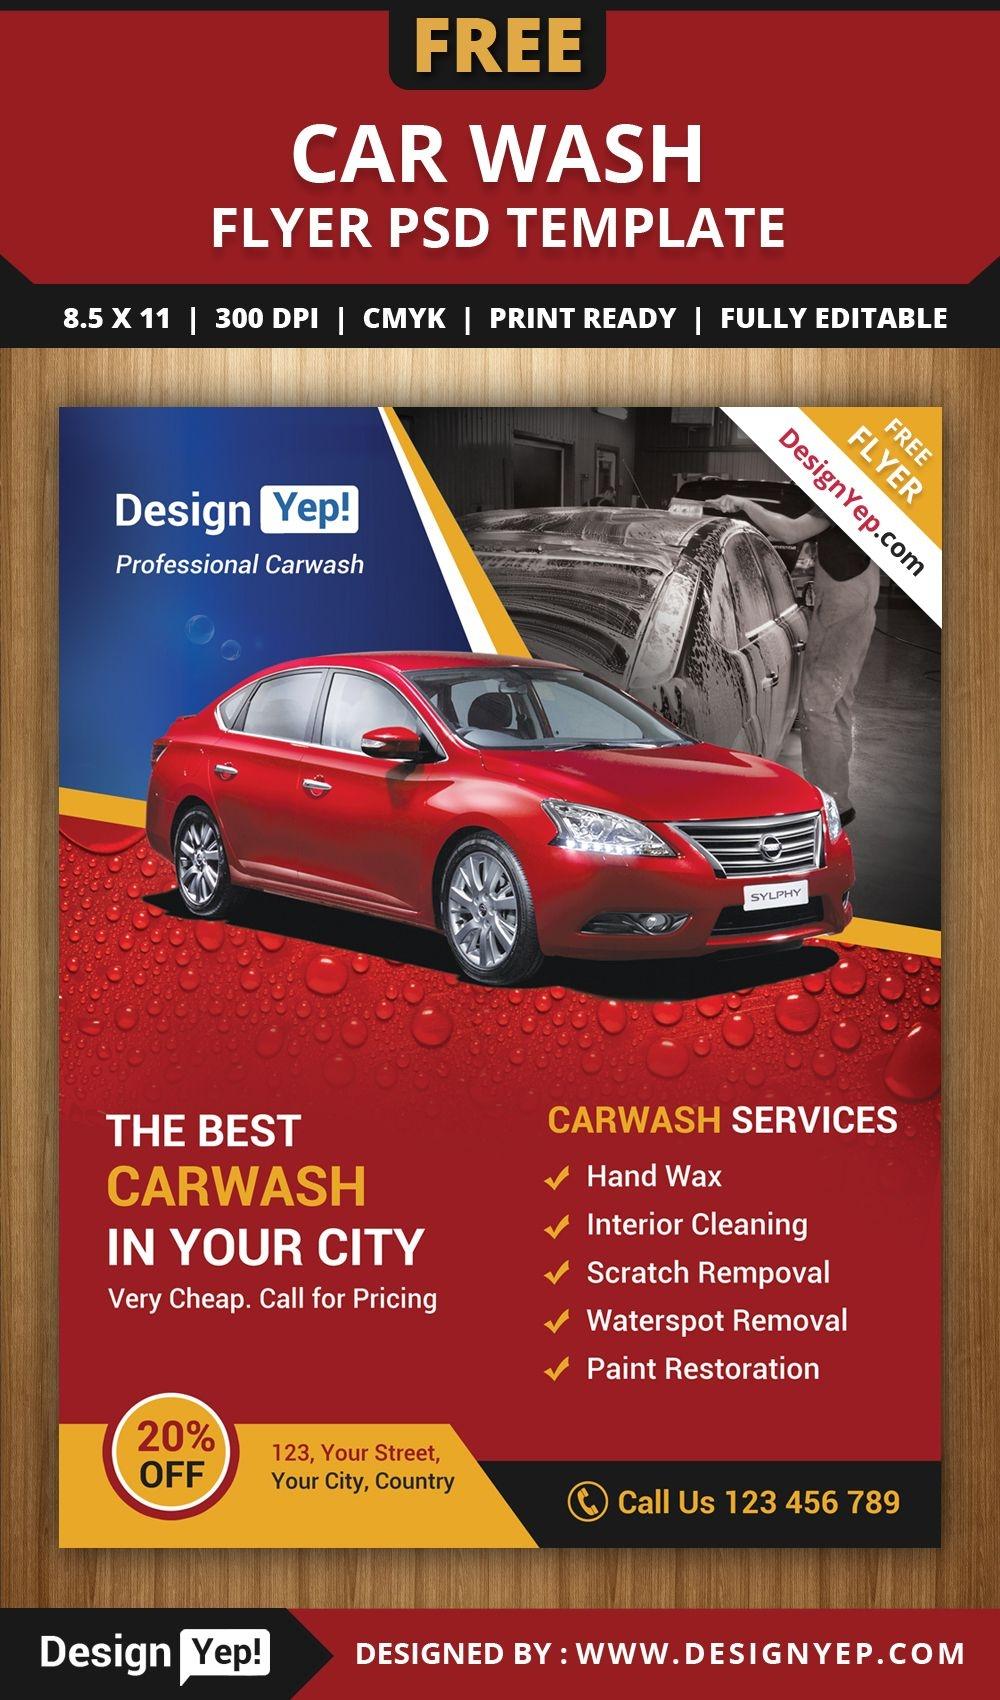 Free Car Wash Flyer Psd Template 3232 Designyep Free Flyers Car